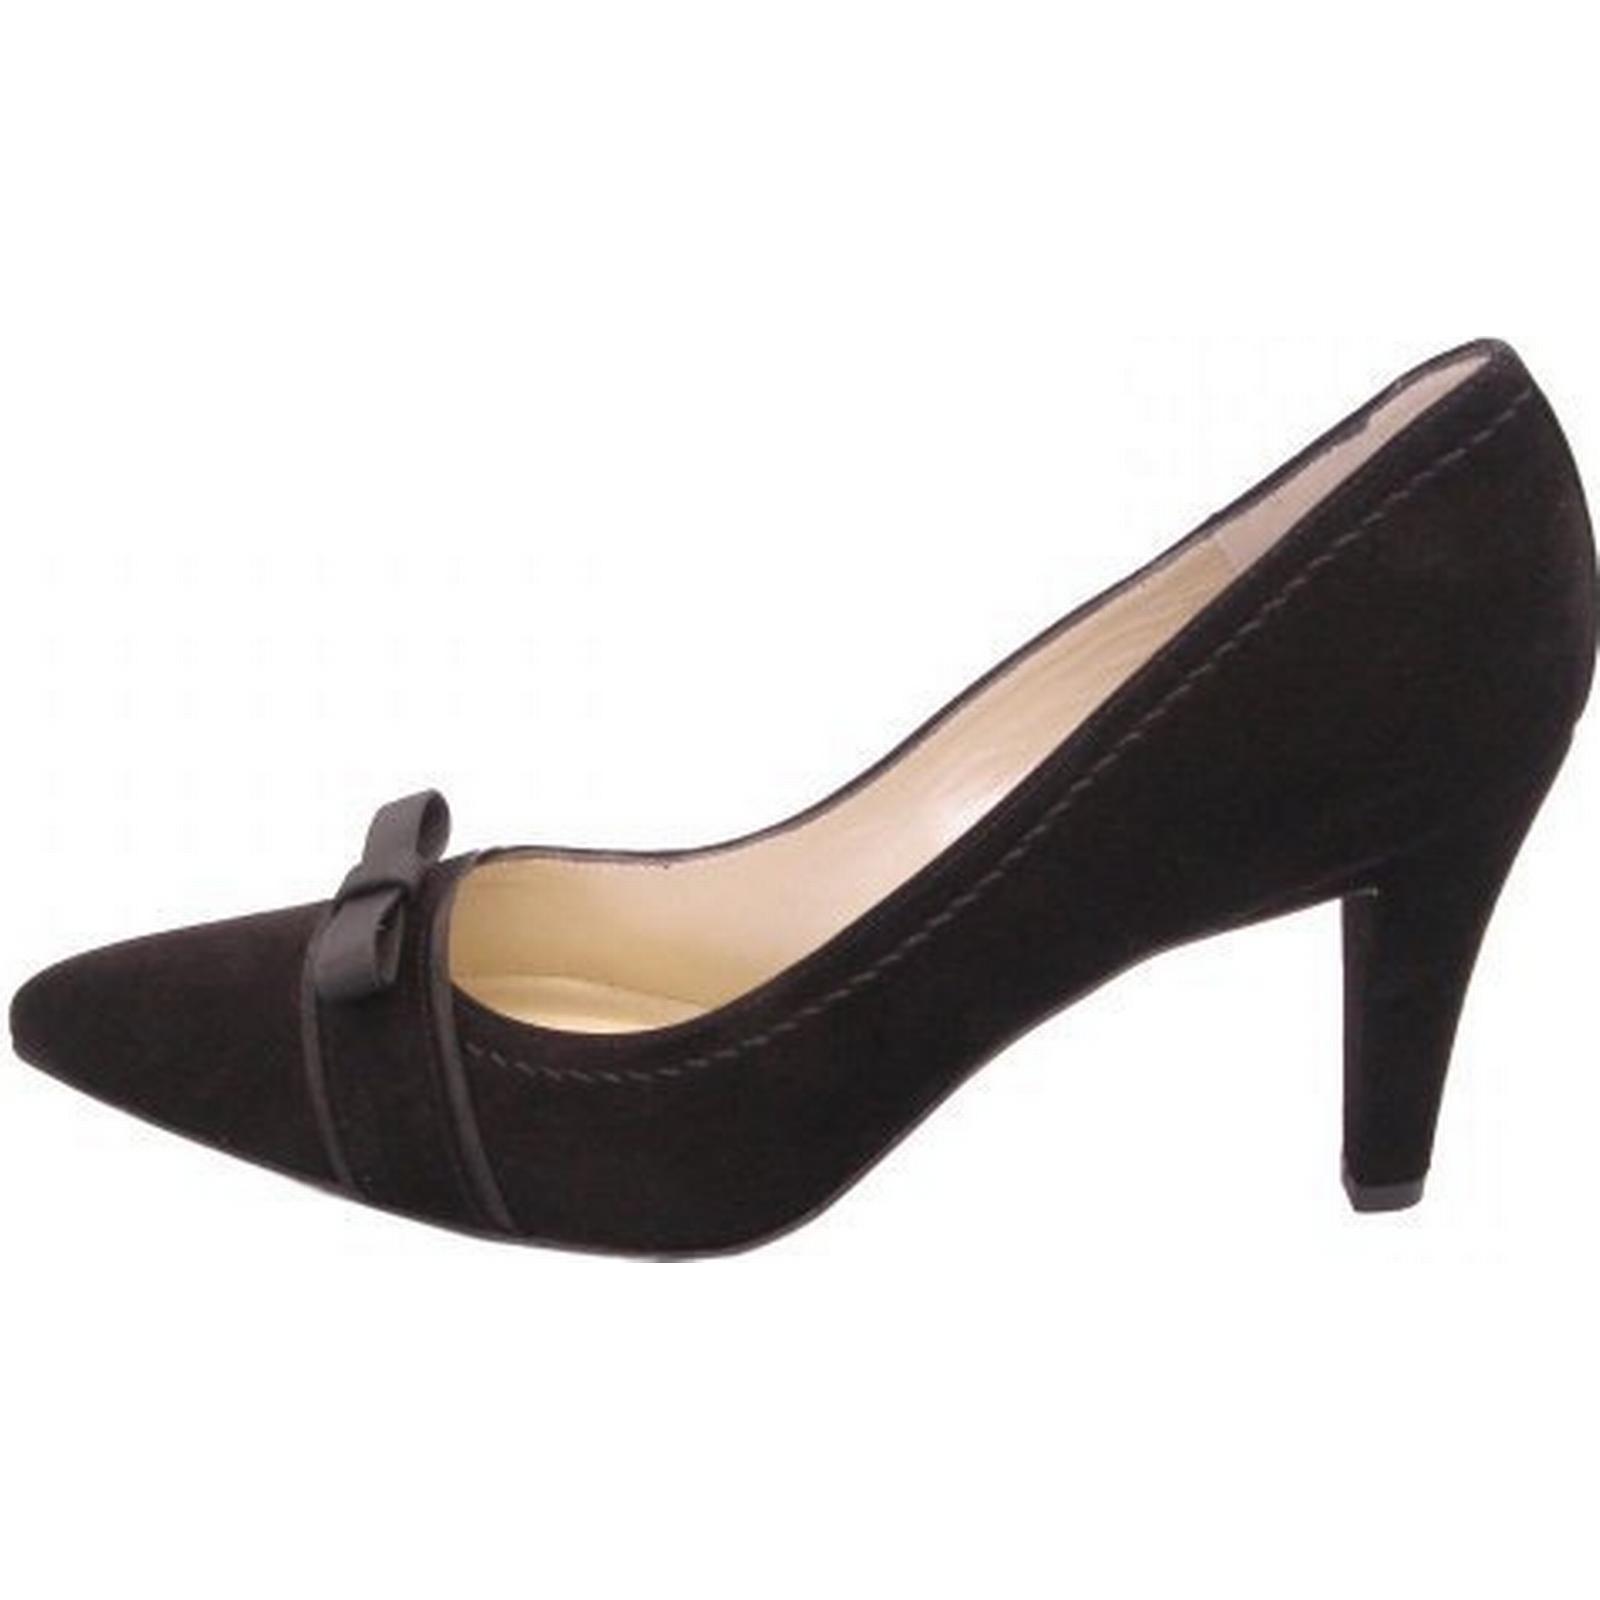 peter kaiser vermala taille de chaussures en en en daim noir habillés cour: 4.5, colo adb15c